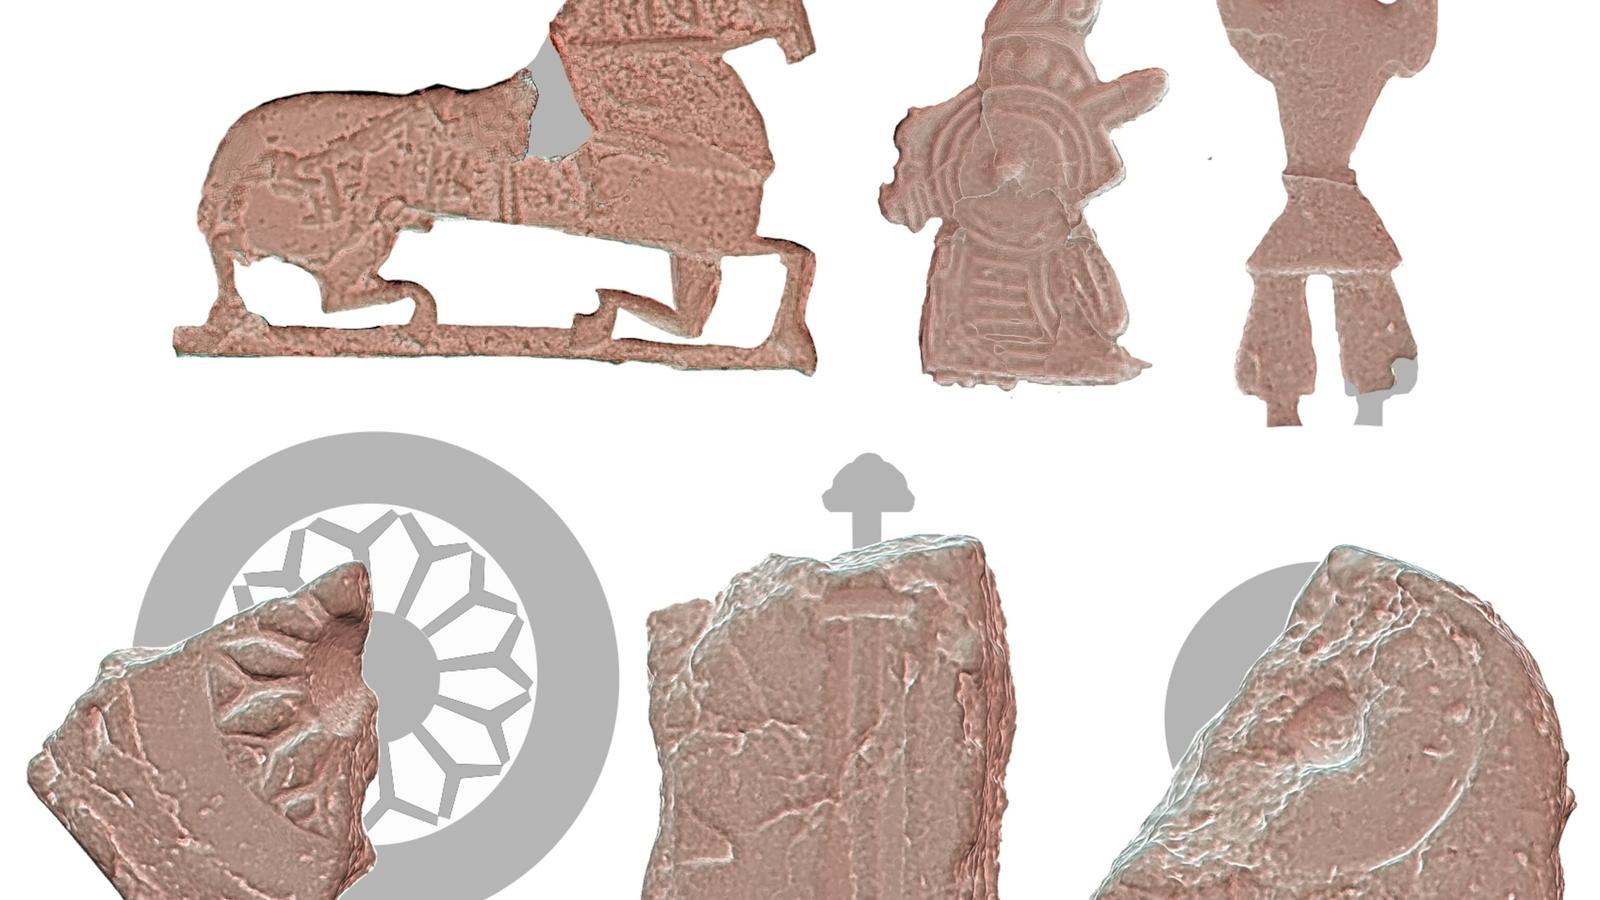 Artefatos encontrados em Ribe, na Dinamarca, revelam que uma variedade de designs foi produzida no local.